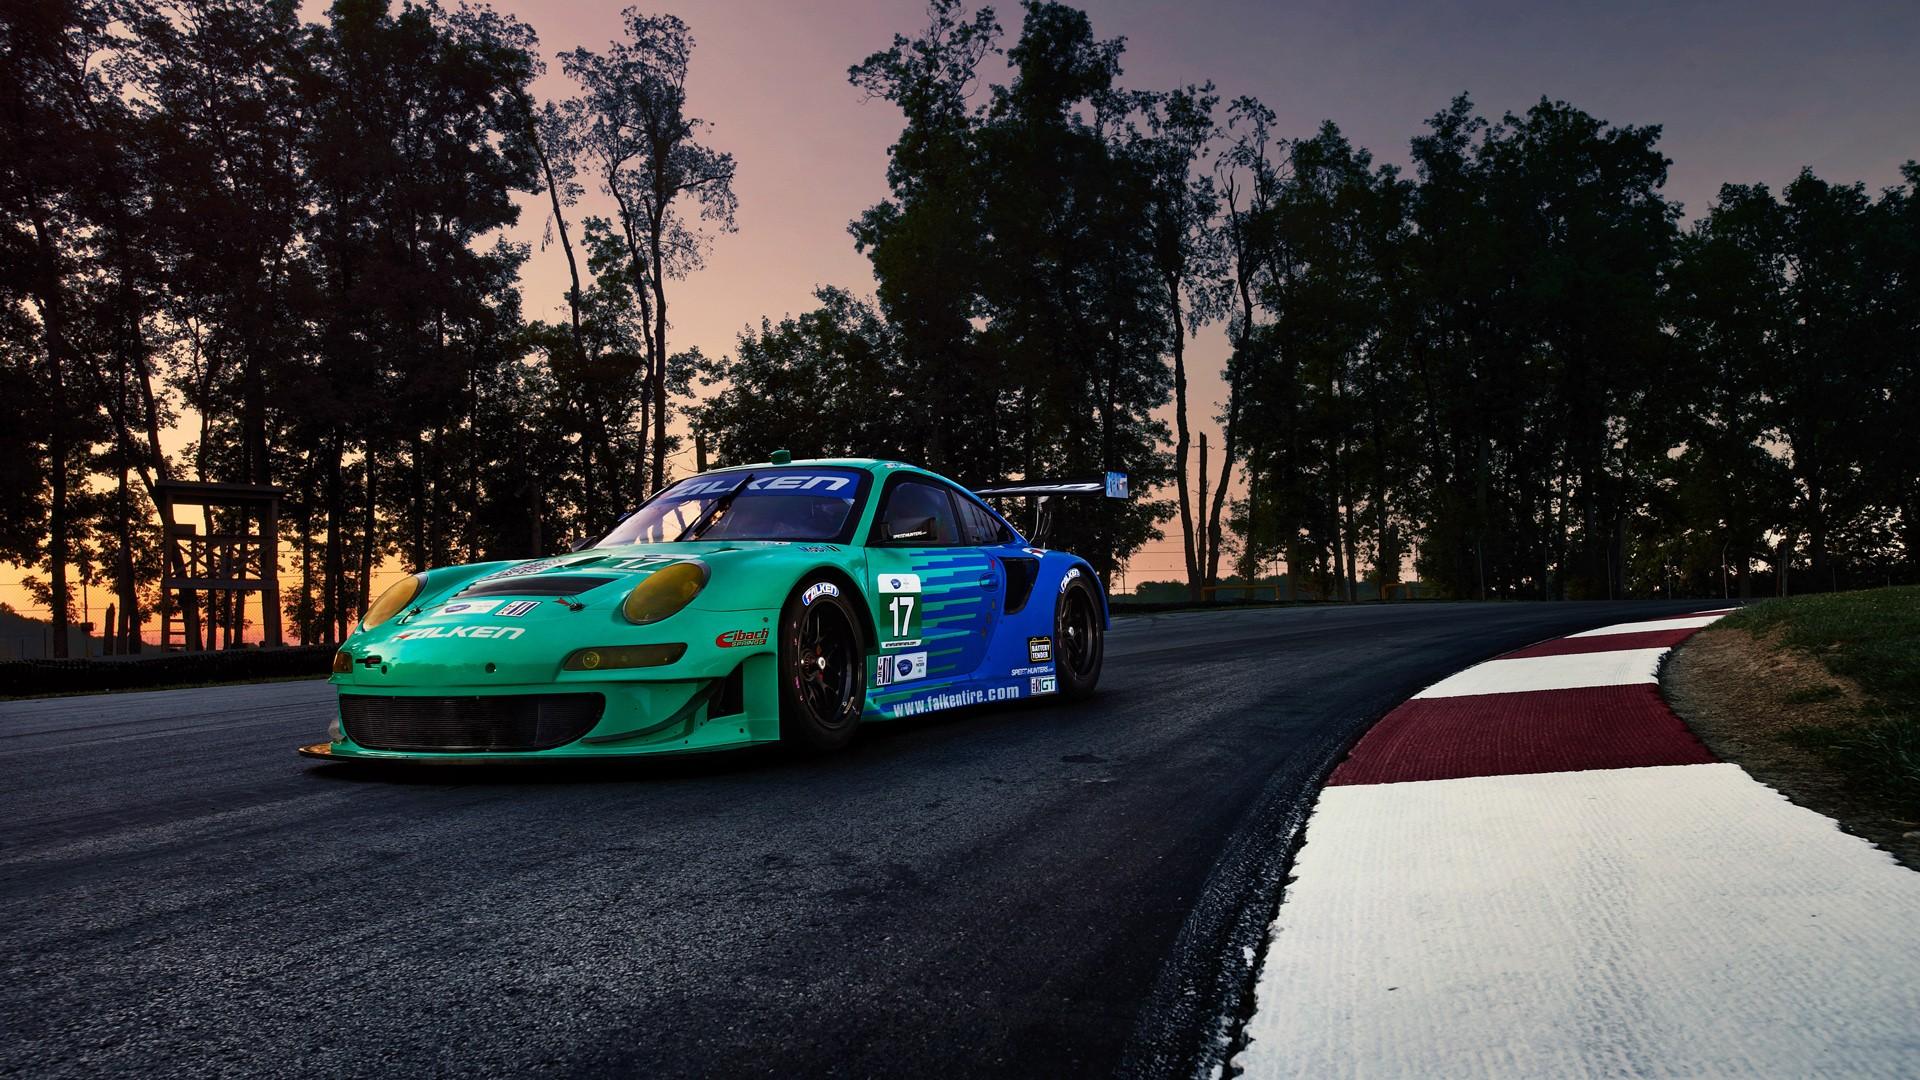 Falken Porsche RSR Wallpaper | HD Car Wallpapers | ID #3221